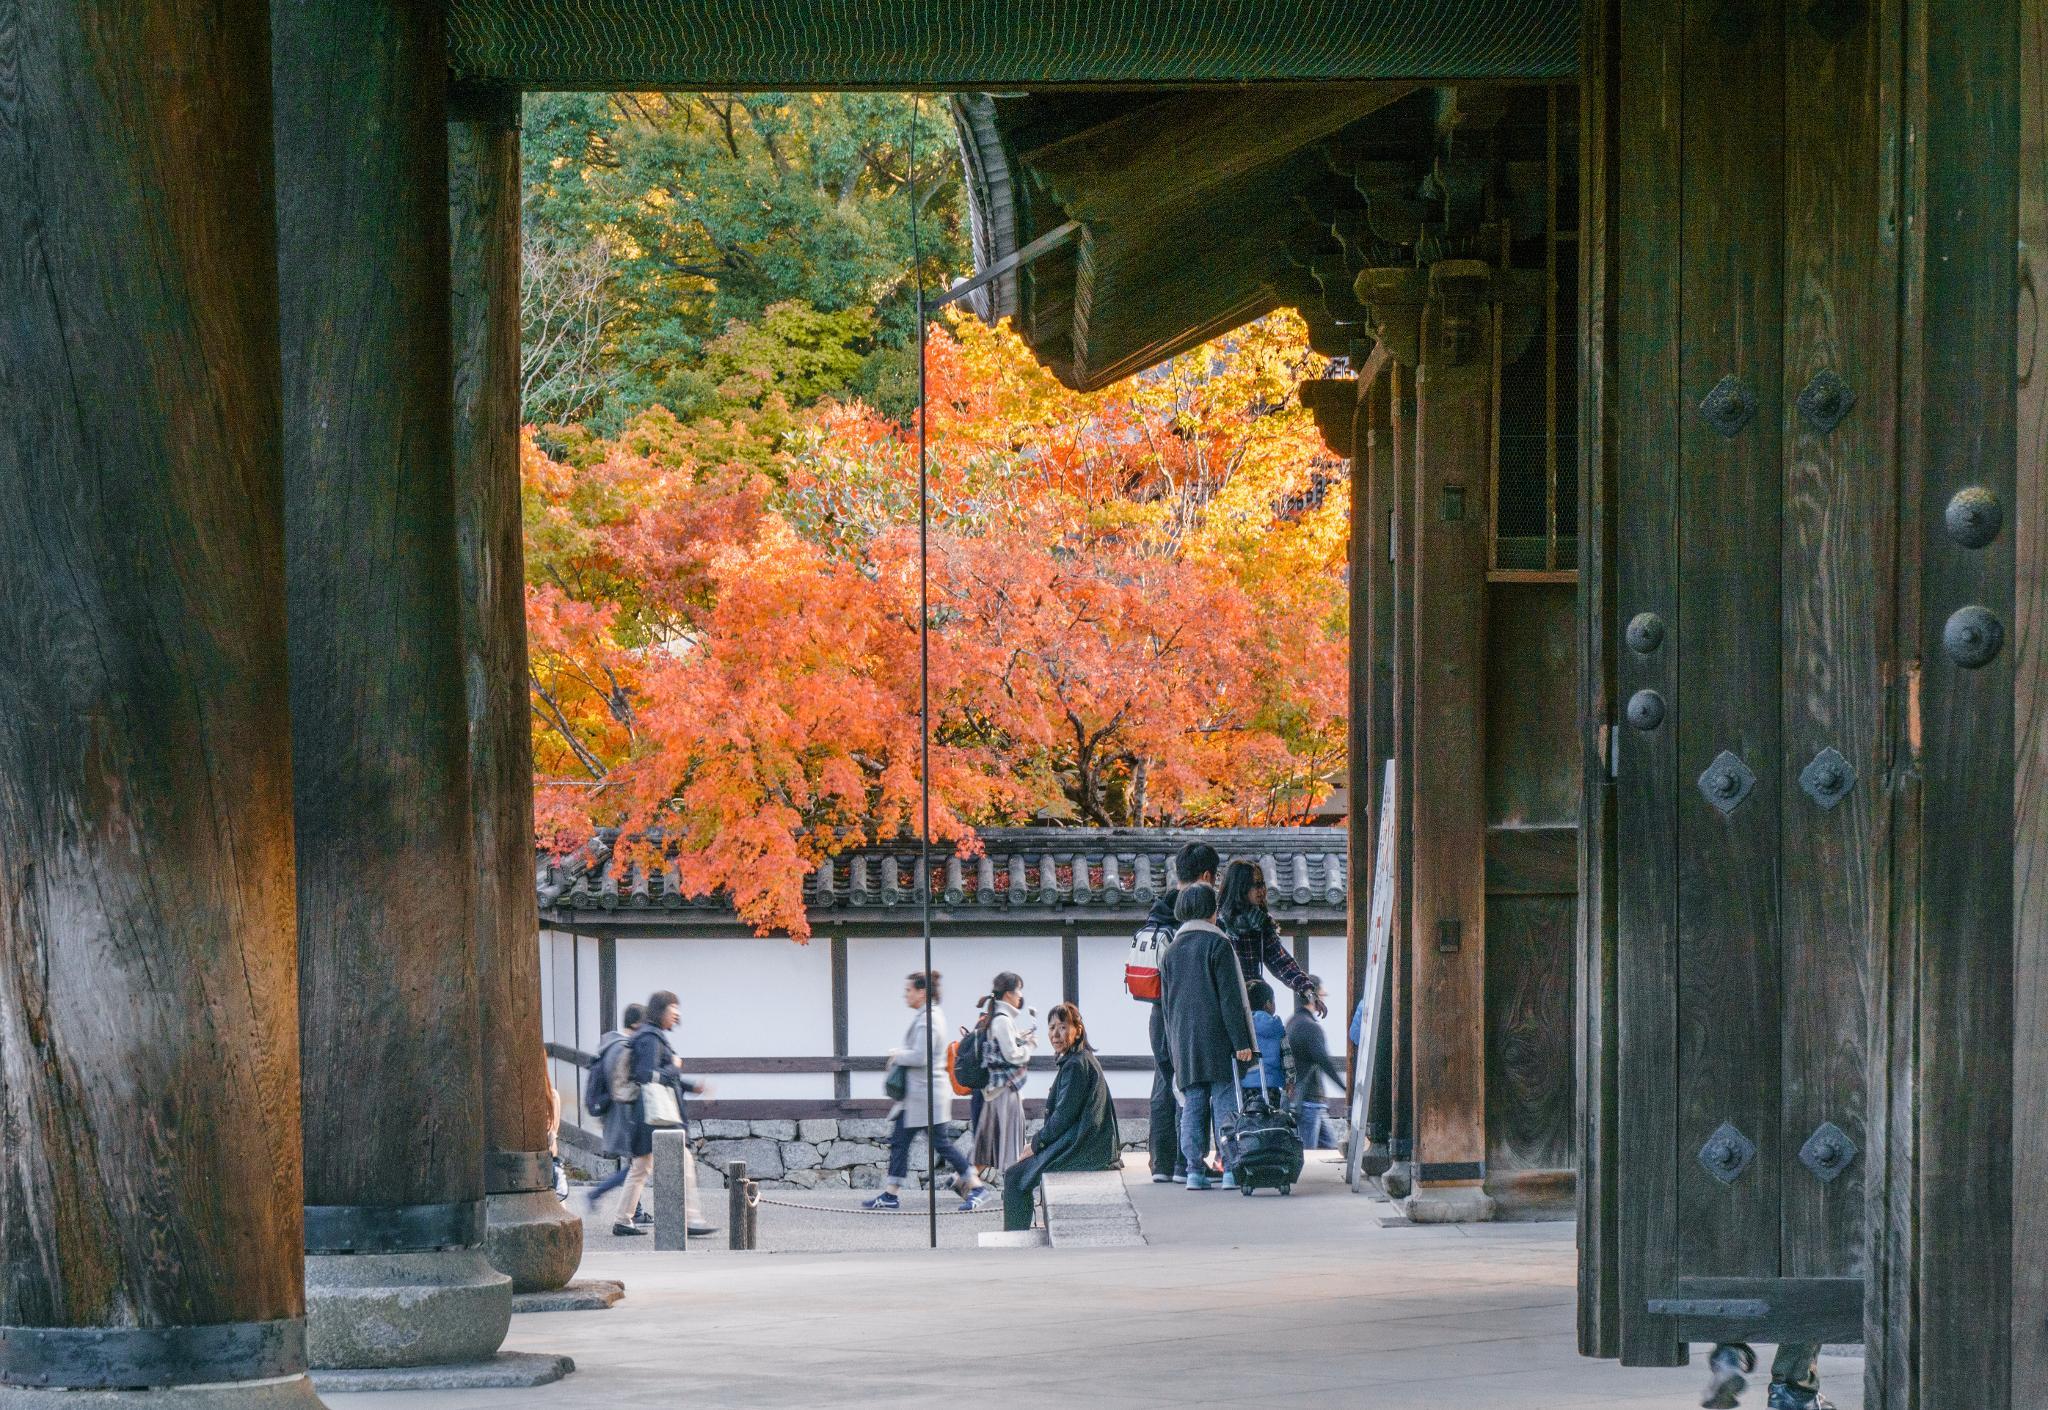 【京都】秋光葉影的古寺散策 - 南禪寺 100